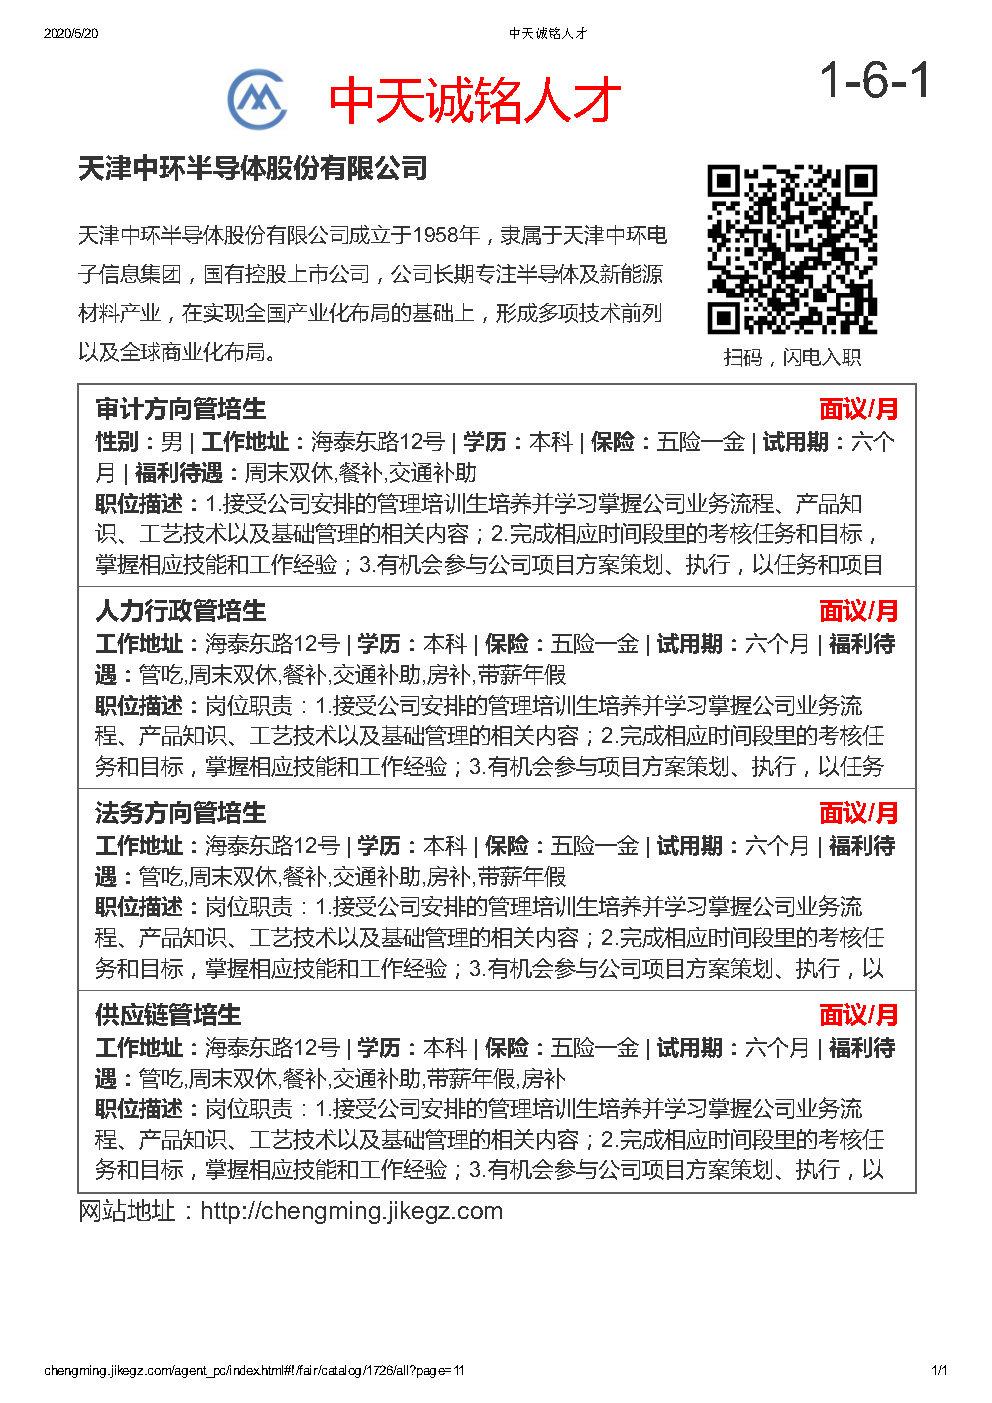 天津中环半导体股份有限公司.jpg